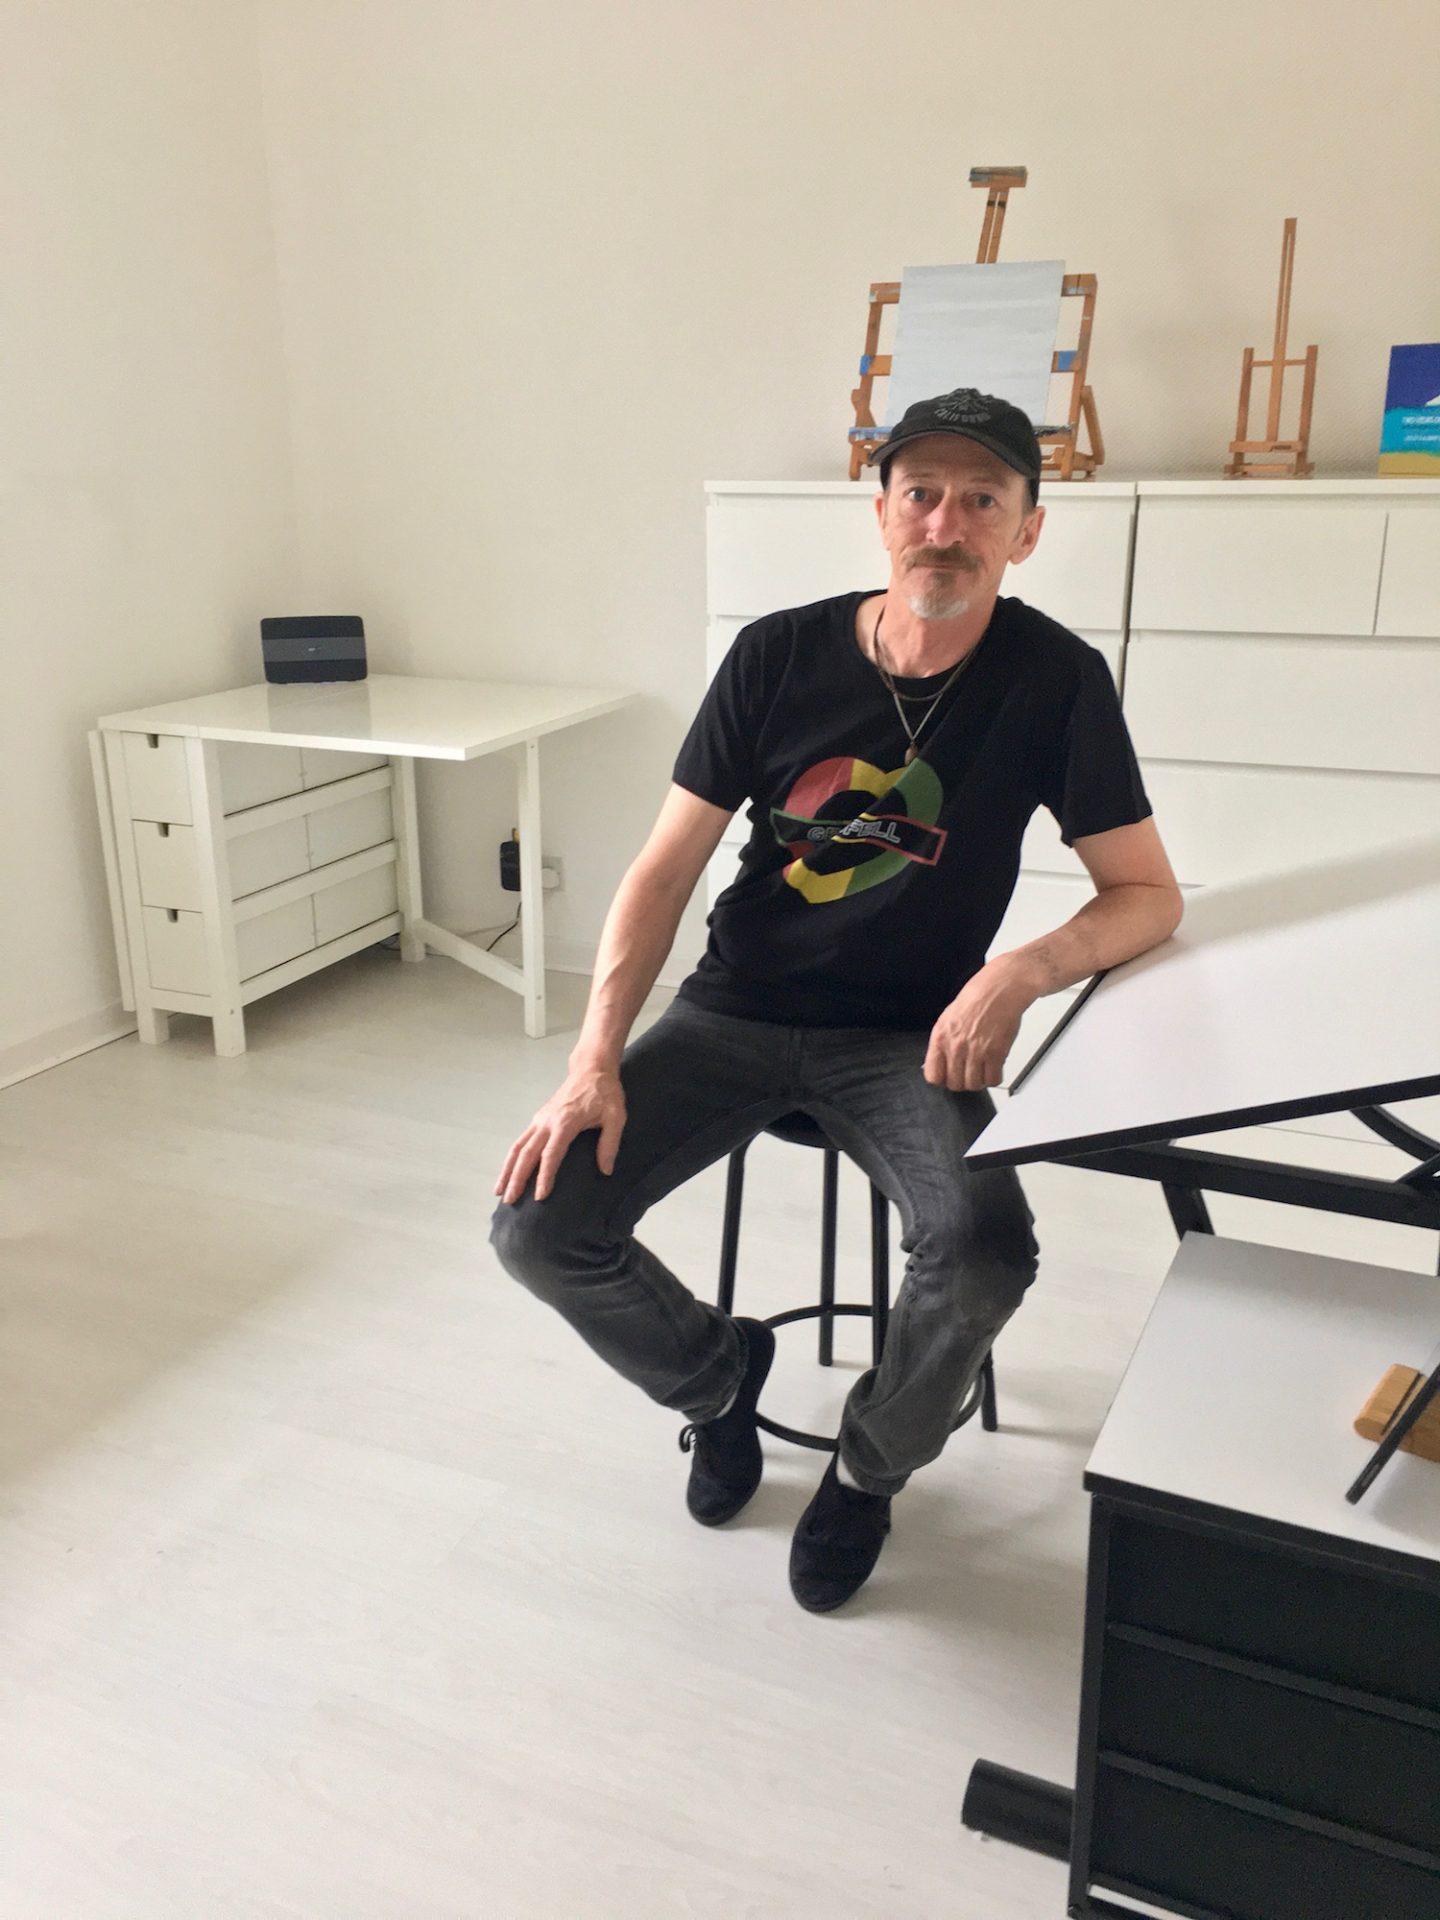 stephen scott glasgow artist in studio